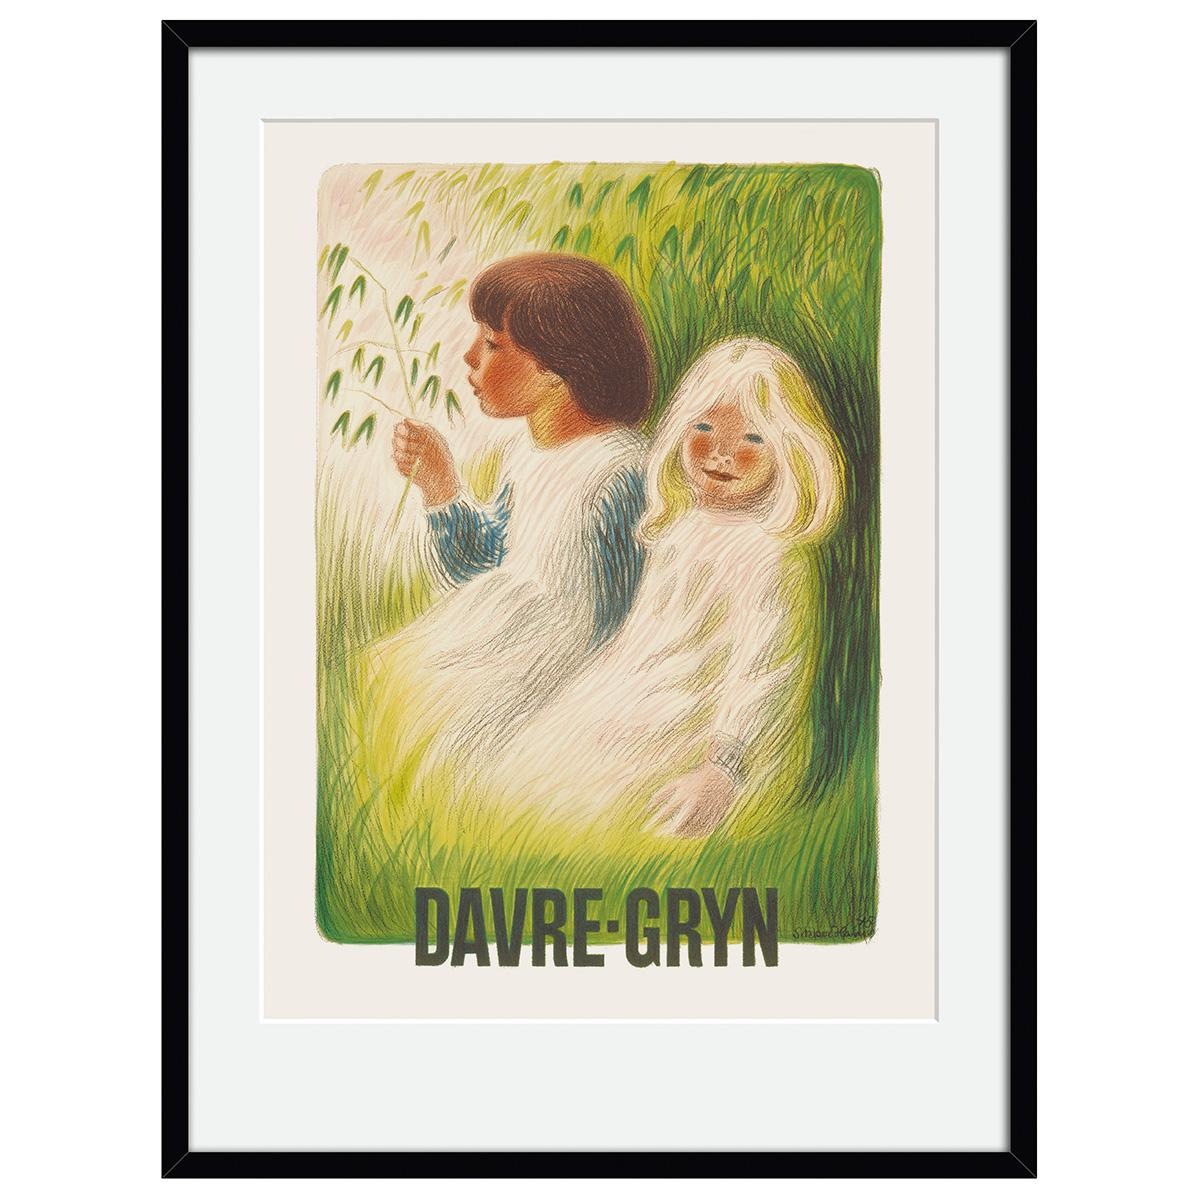 Image of   Davre-gryn plakat i ramme - af Aage Sikker Hansen